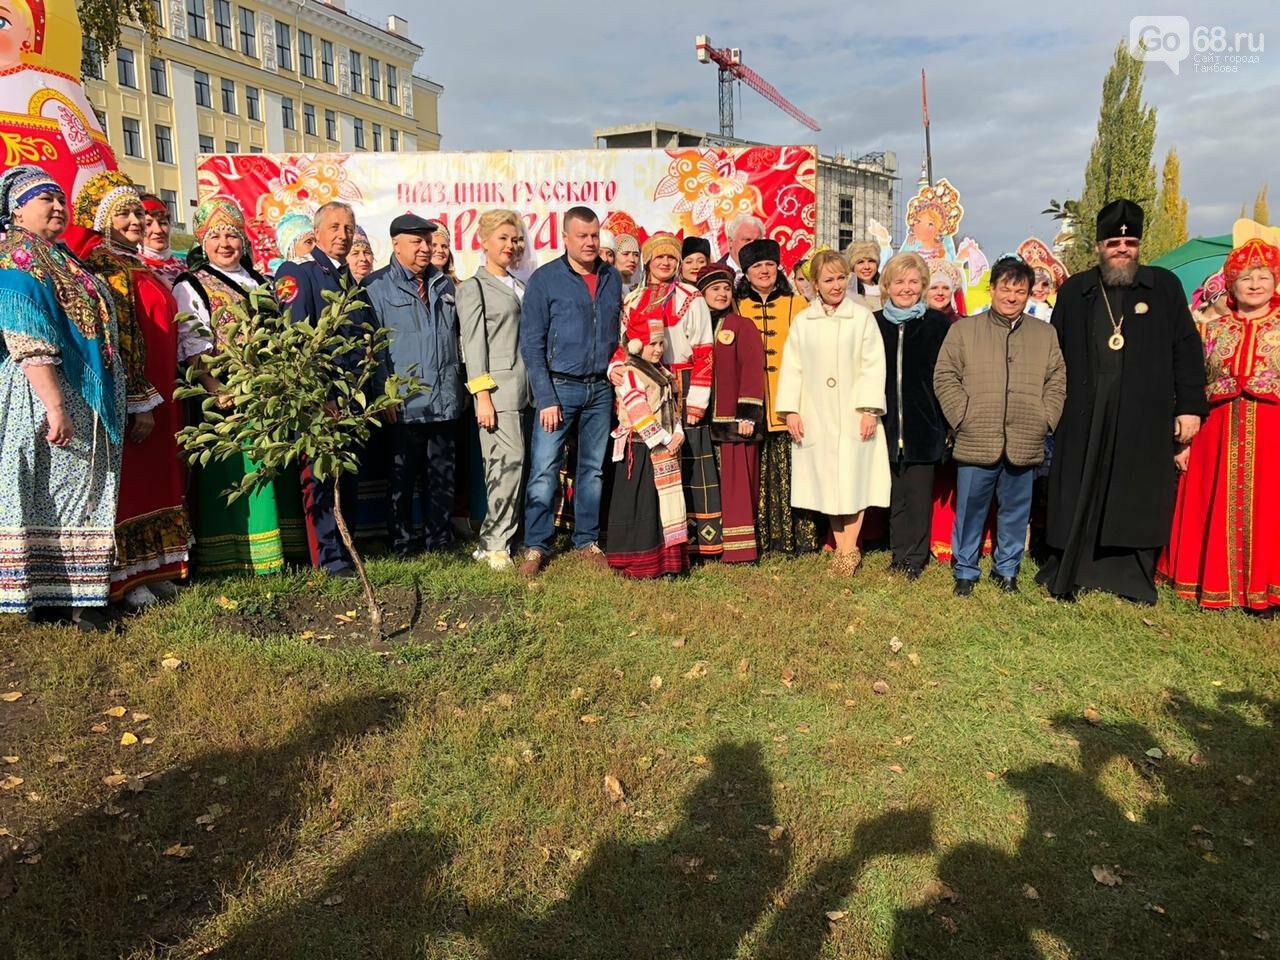 Юбилейную Покровскую ярмарку в Тамбове посвятят русским народным сказкам, фото-1